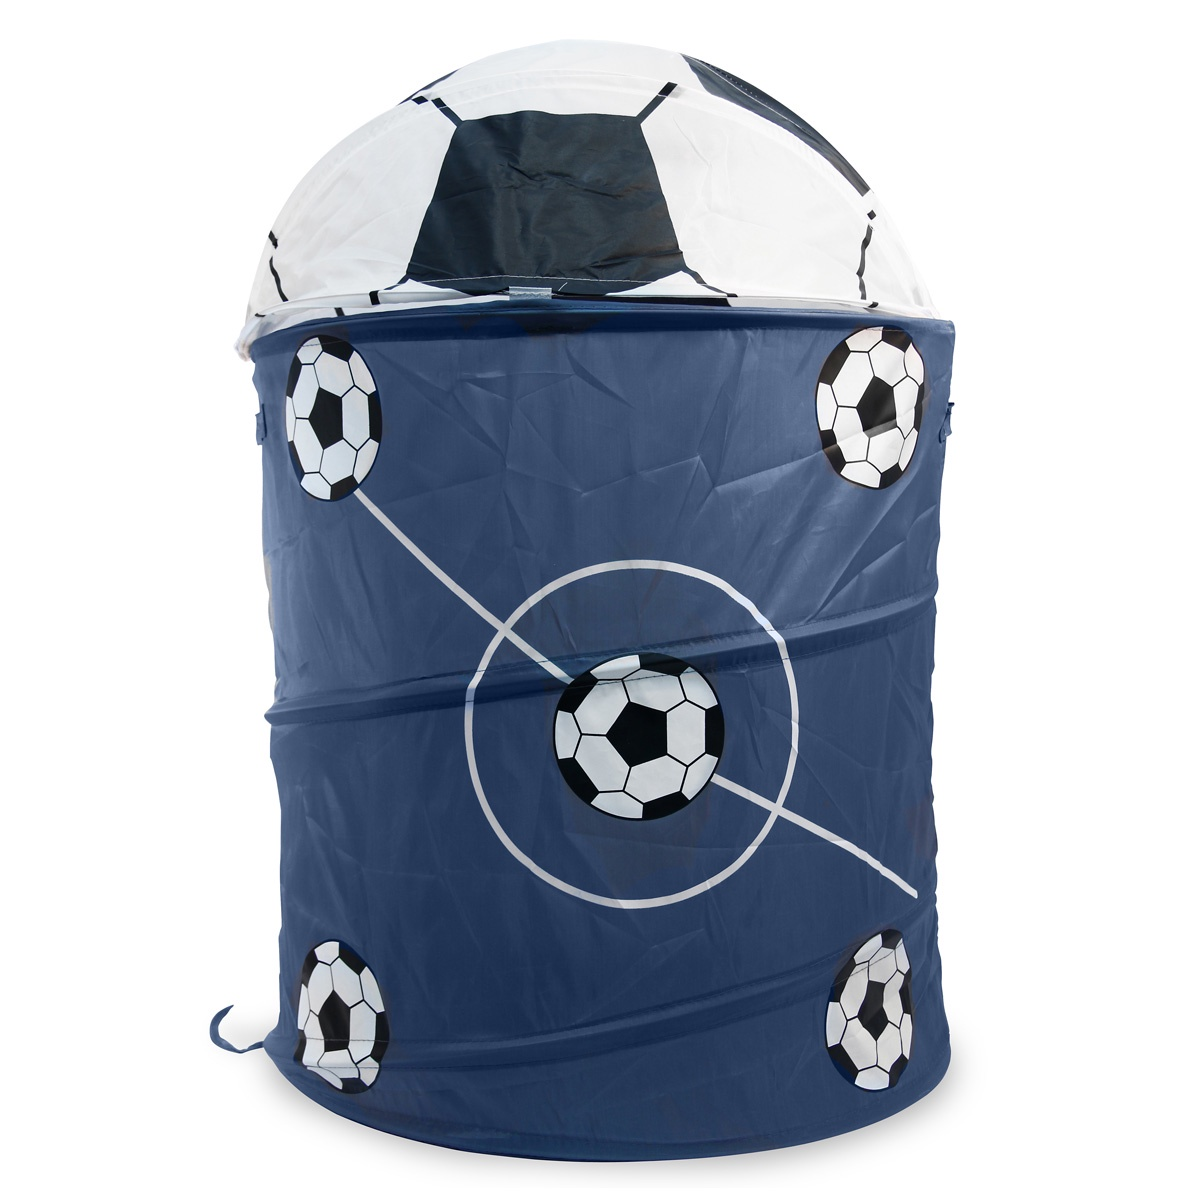 Игрушка-корзина 45*50см, Футбол, Amico